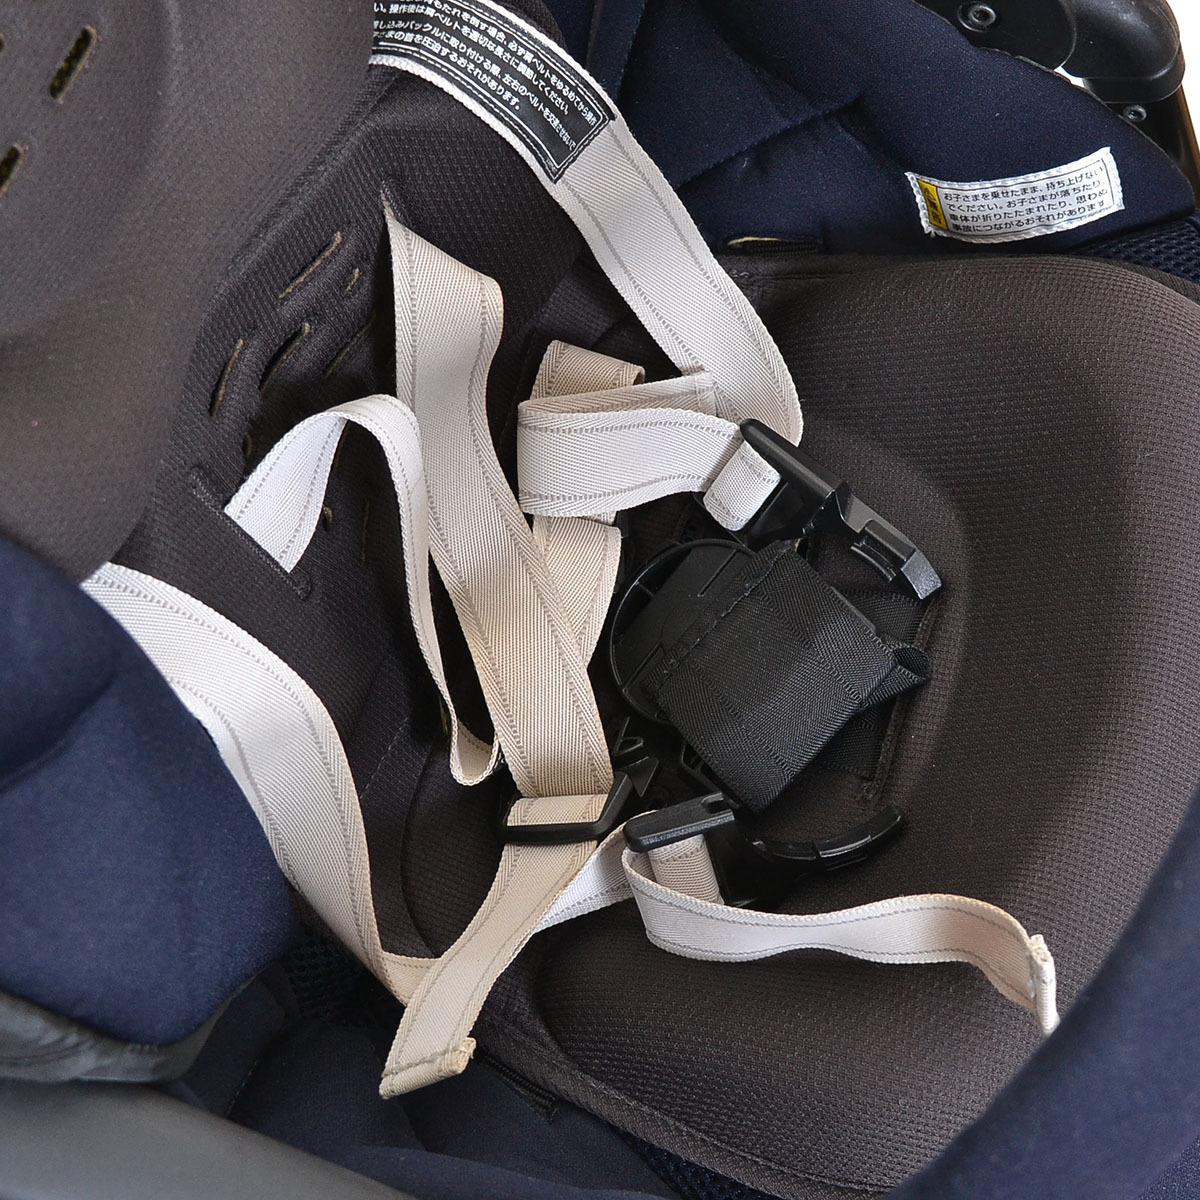 ○366633Combi コンビ ベビーカー メチャカル ハンディ オート4キャス Compact エッグショック HG 生後1ヵ月~36ヶ月頃 ソワレネイビー_画像7